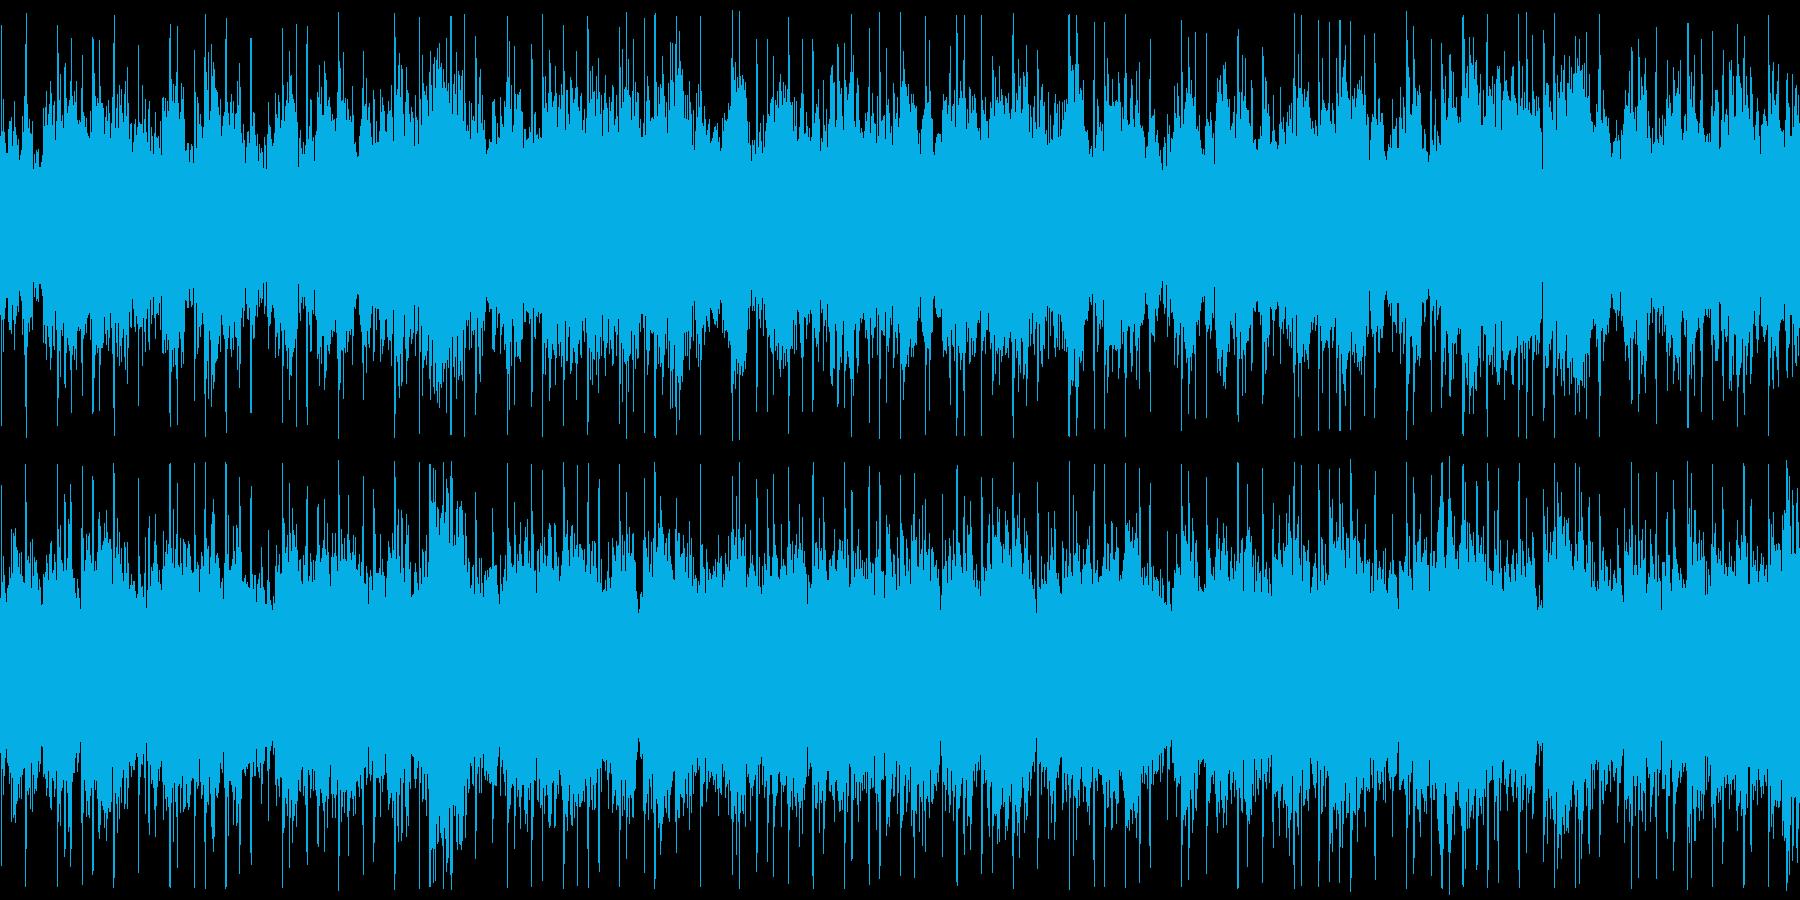 浮遊感、宇宙感のあるテクノの再生済みの波形